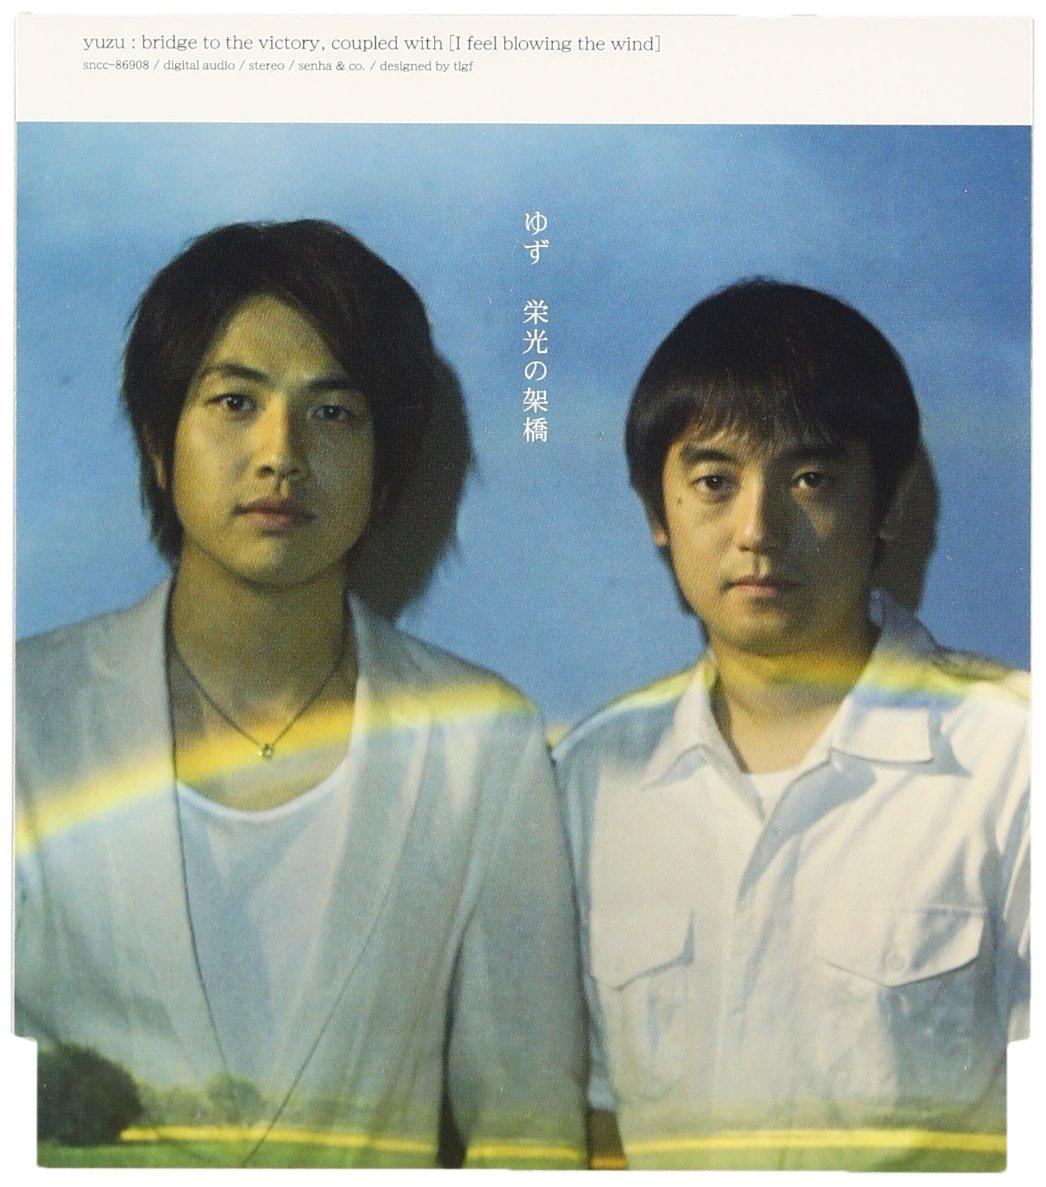 栄光 の 架橋 「栄光の架橋」の楽譜/おとタマ - Ototama